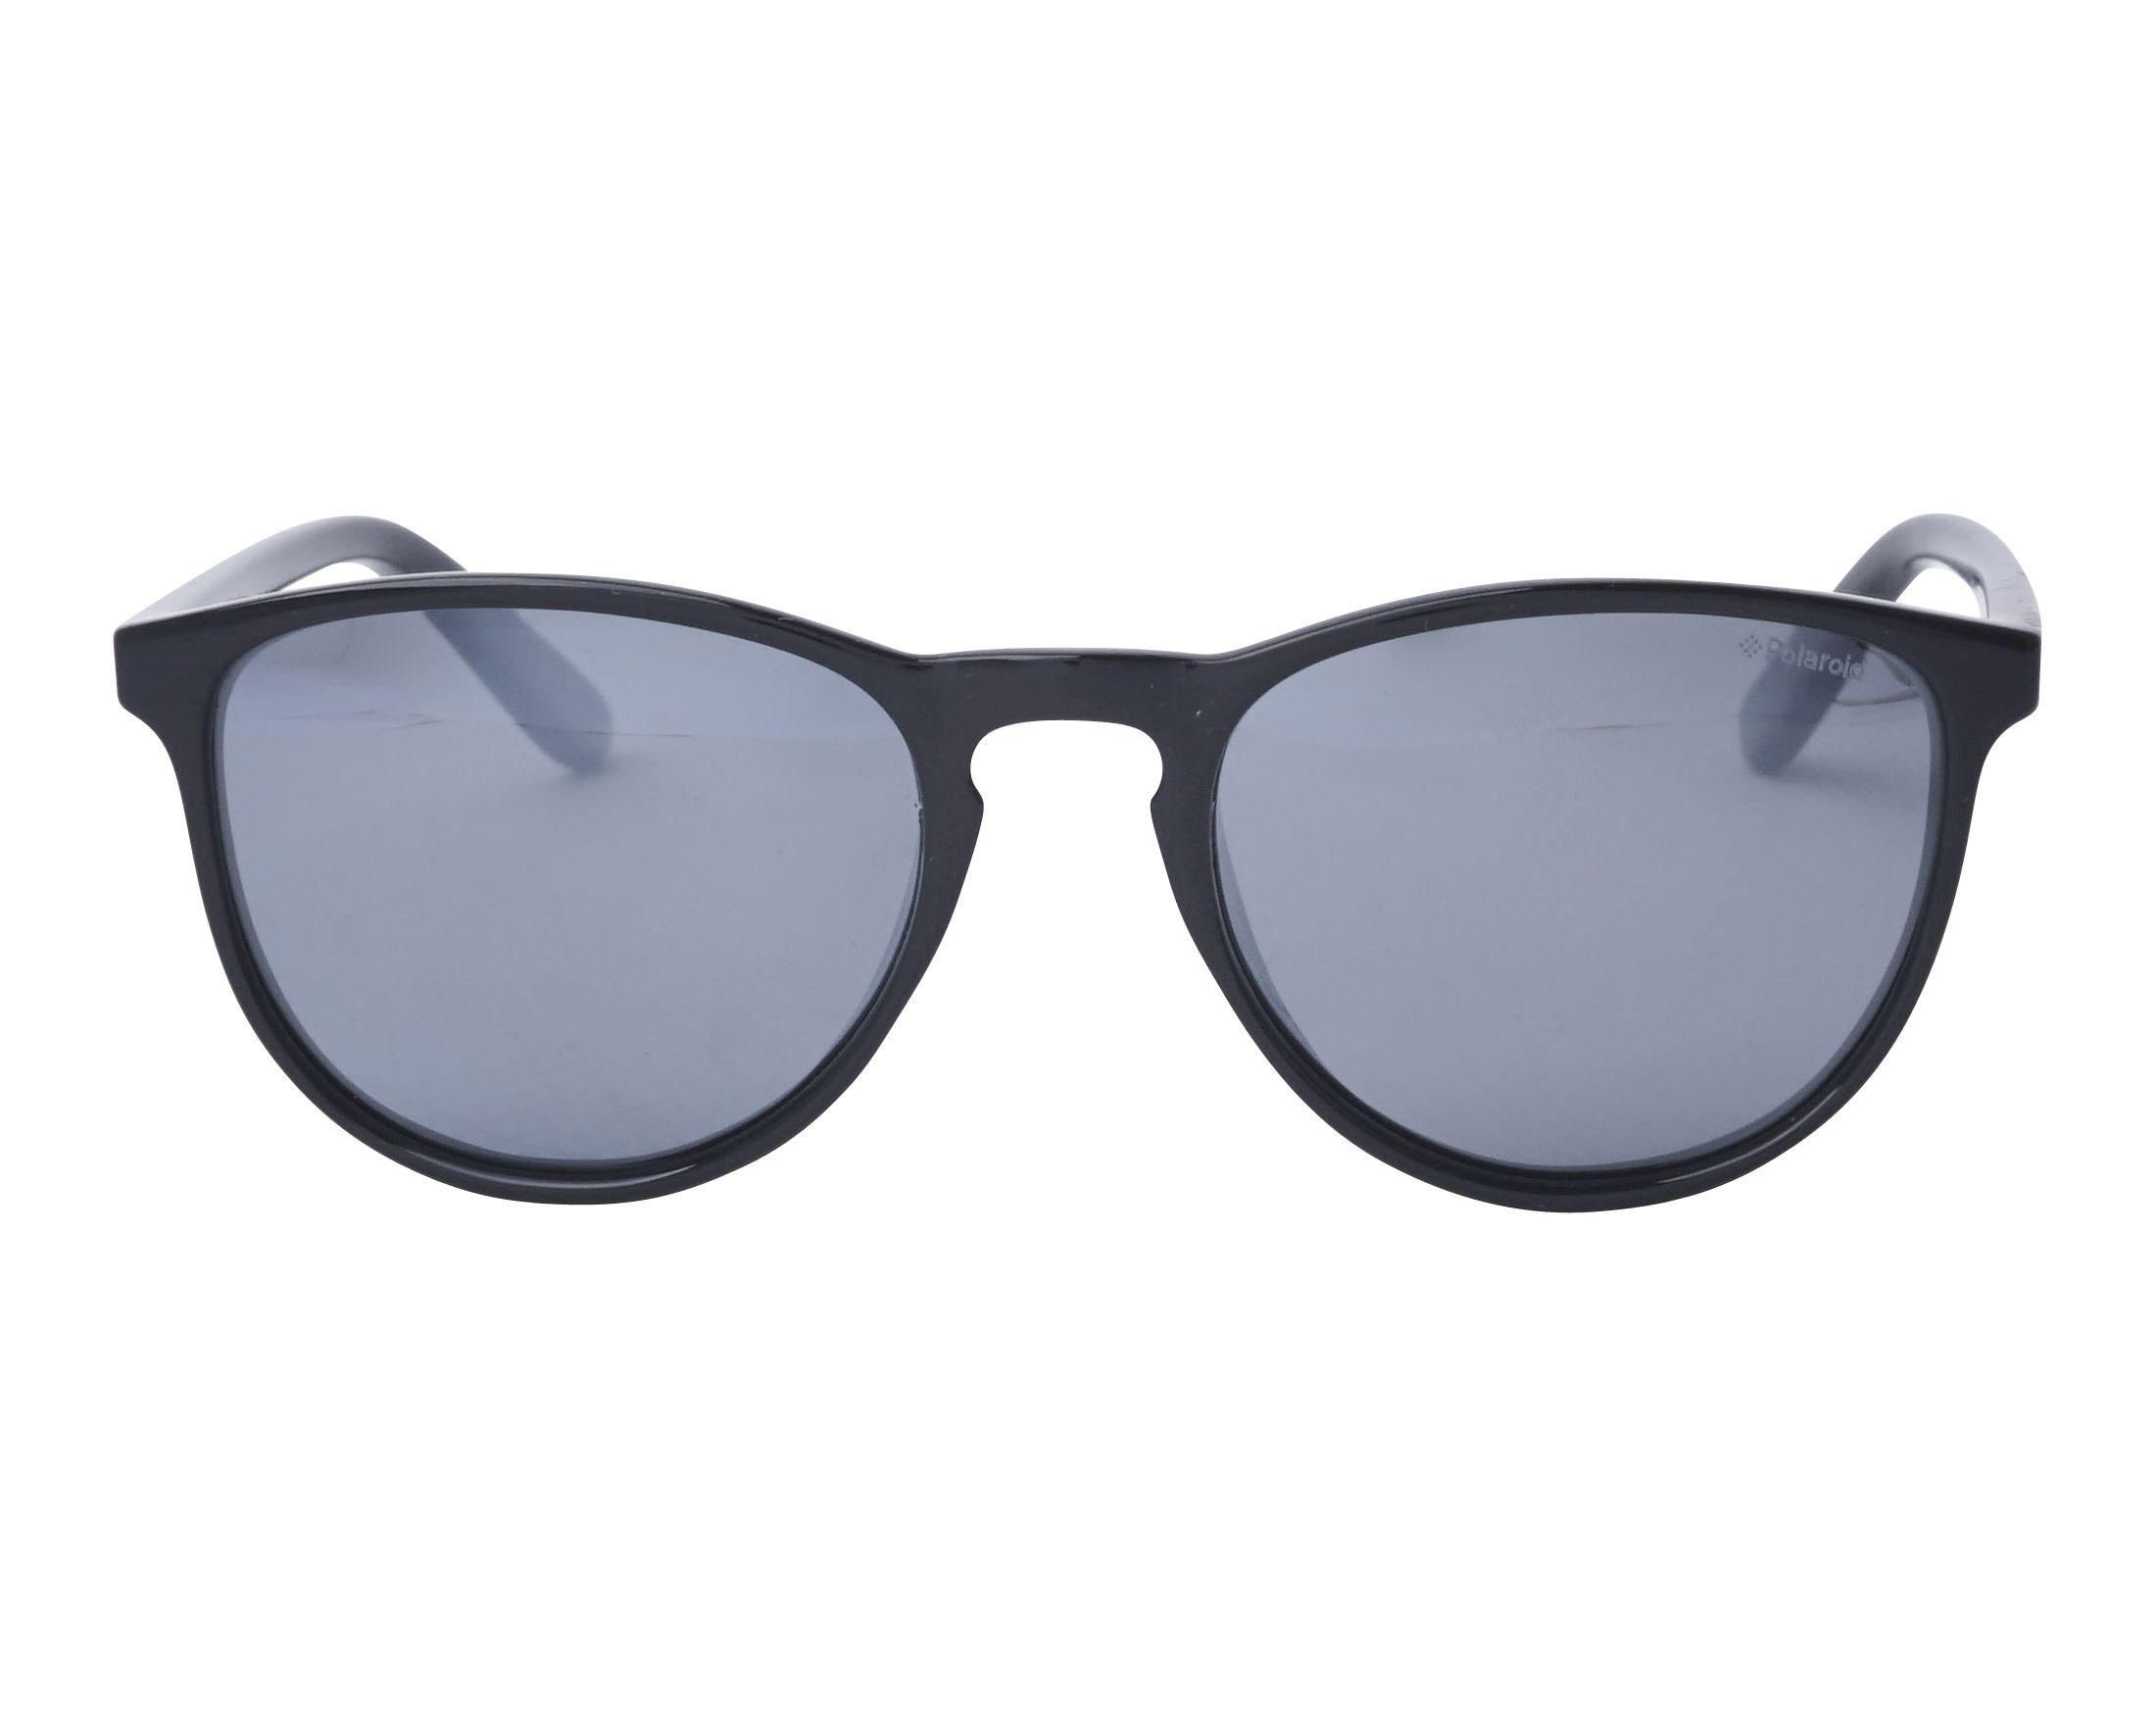 ce1875bca4 previsualización Gafas de sol Polaroid PLD-8028-S 807EX - Negra vista de  frente